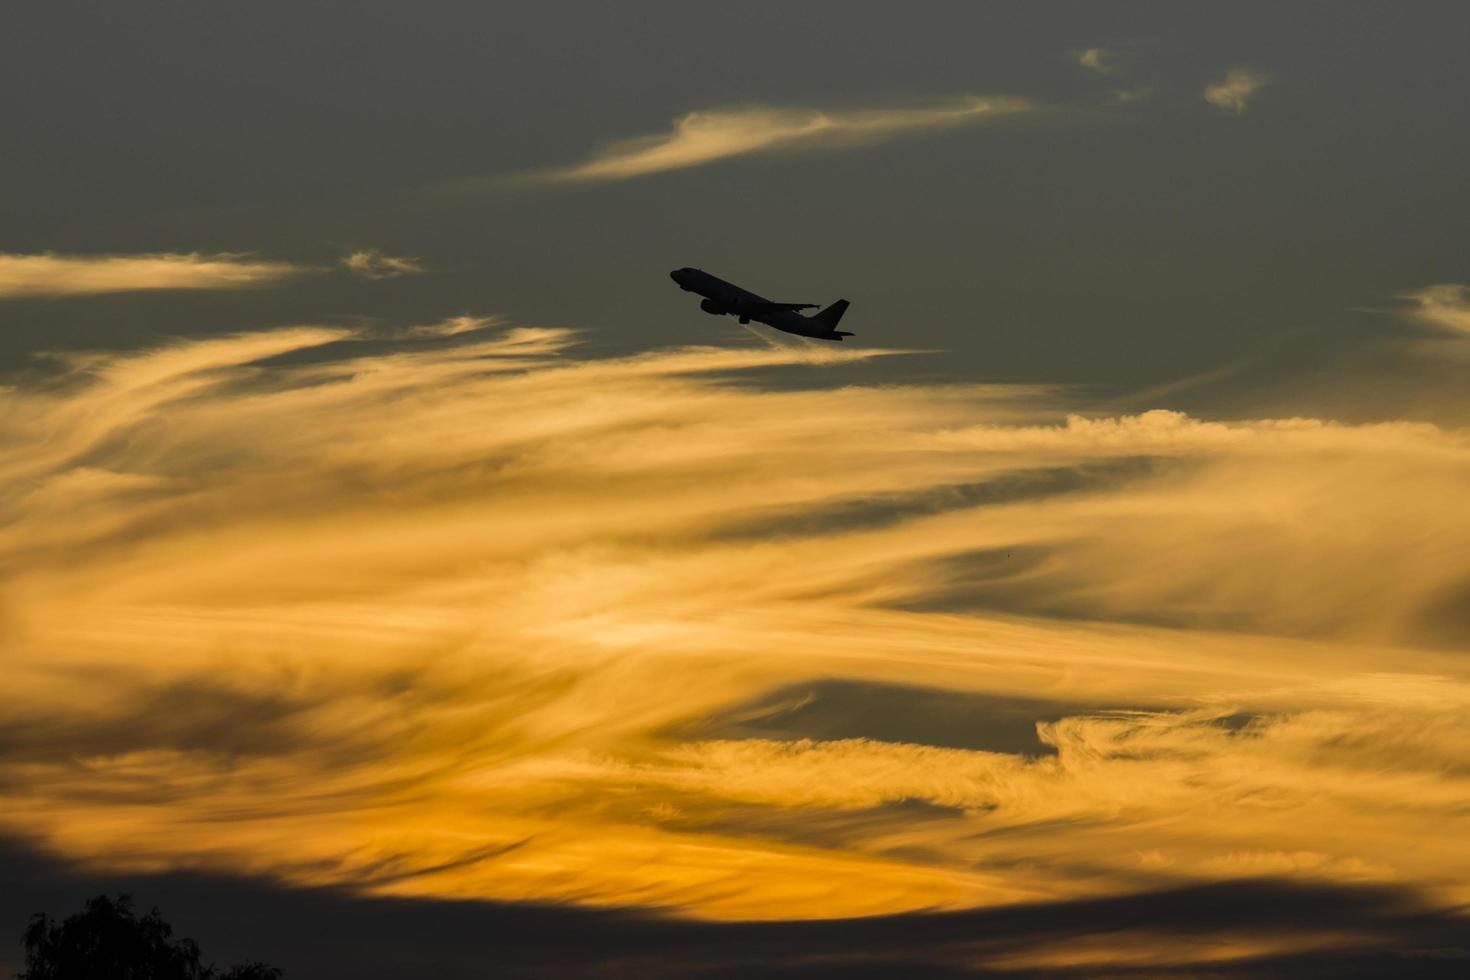 avion au coucher du soleil heure d'or photo